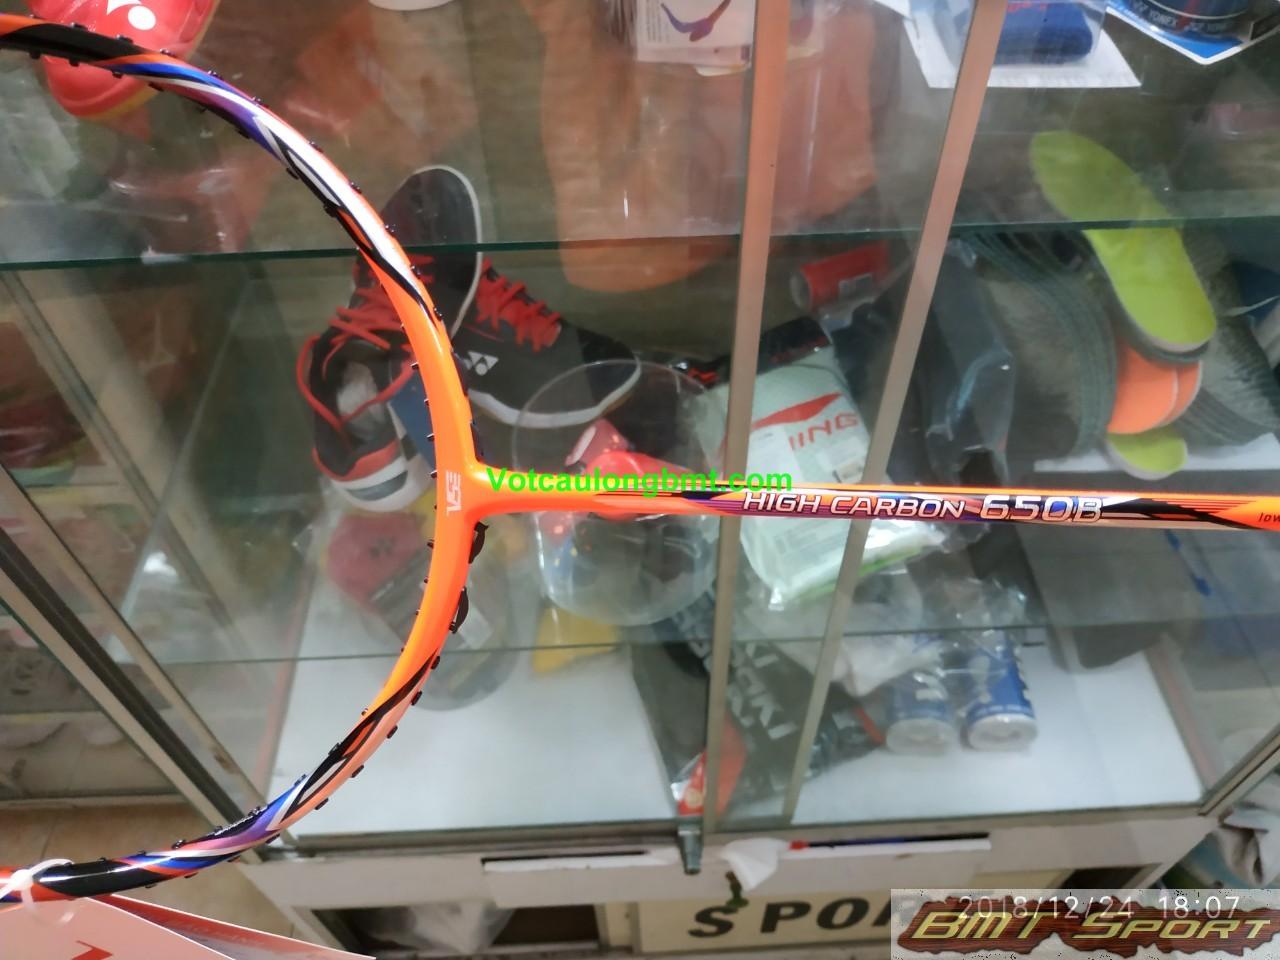 Vợt cầu lông VS High Carbon 650B